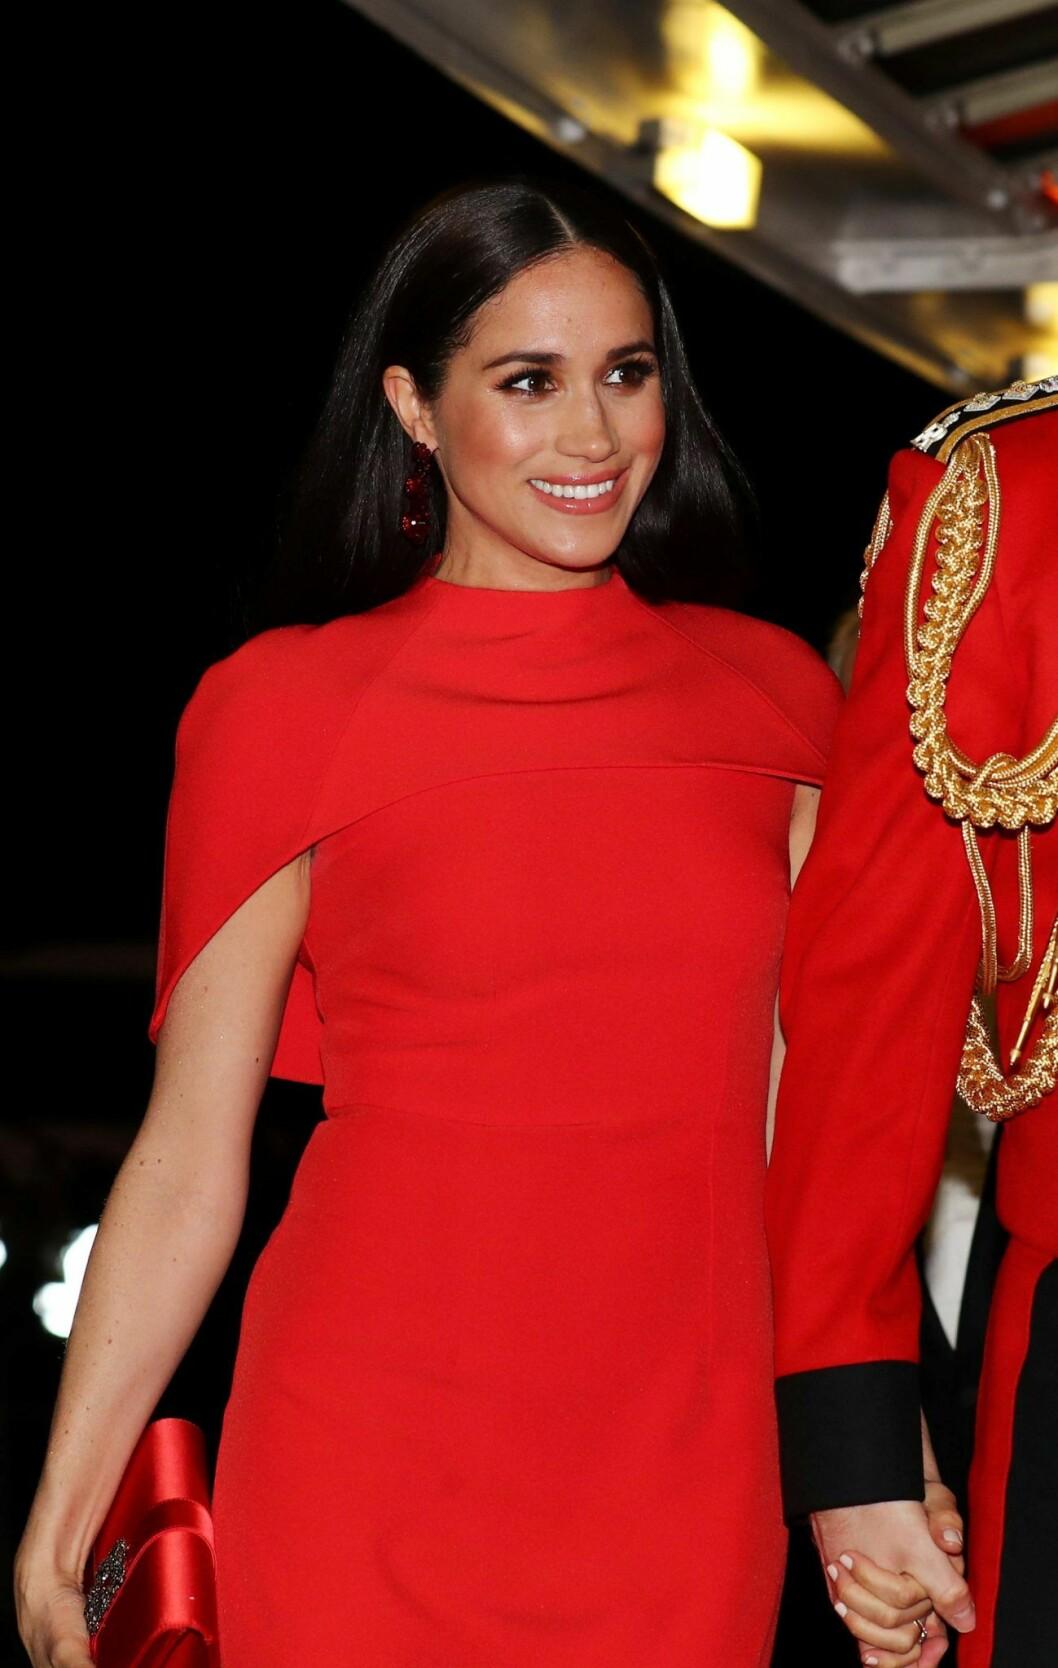 Meghan Markle i röd fodralklänning från Safiyaa.